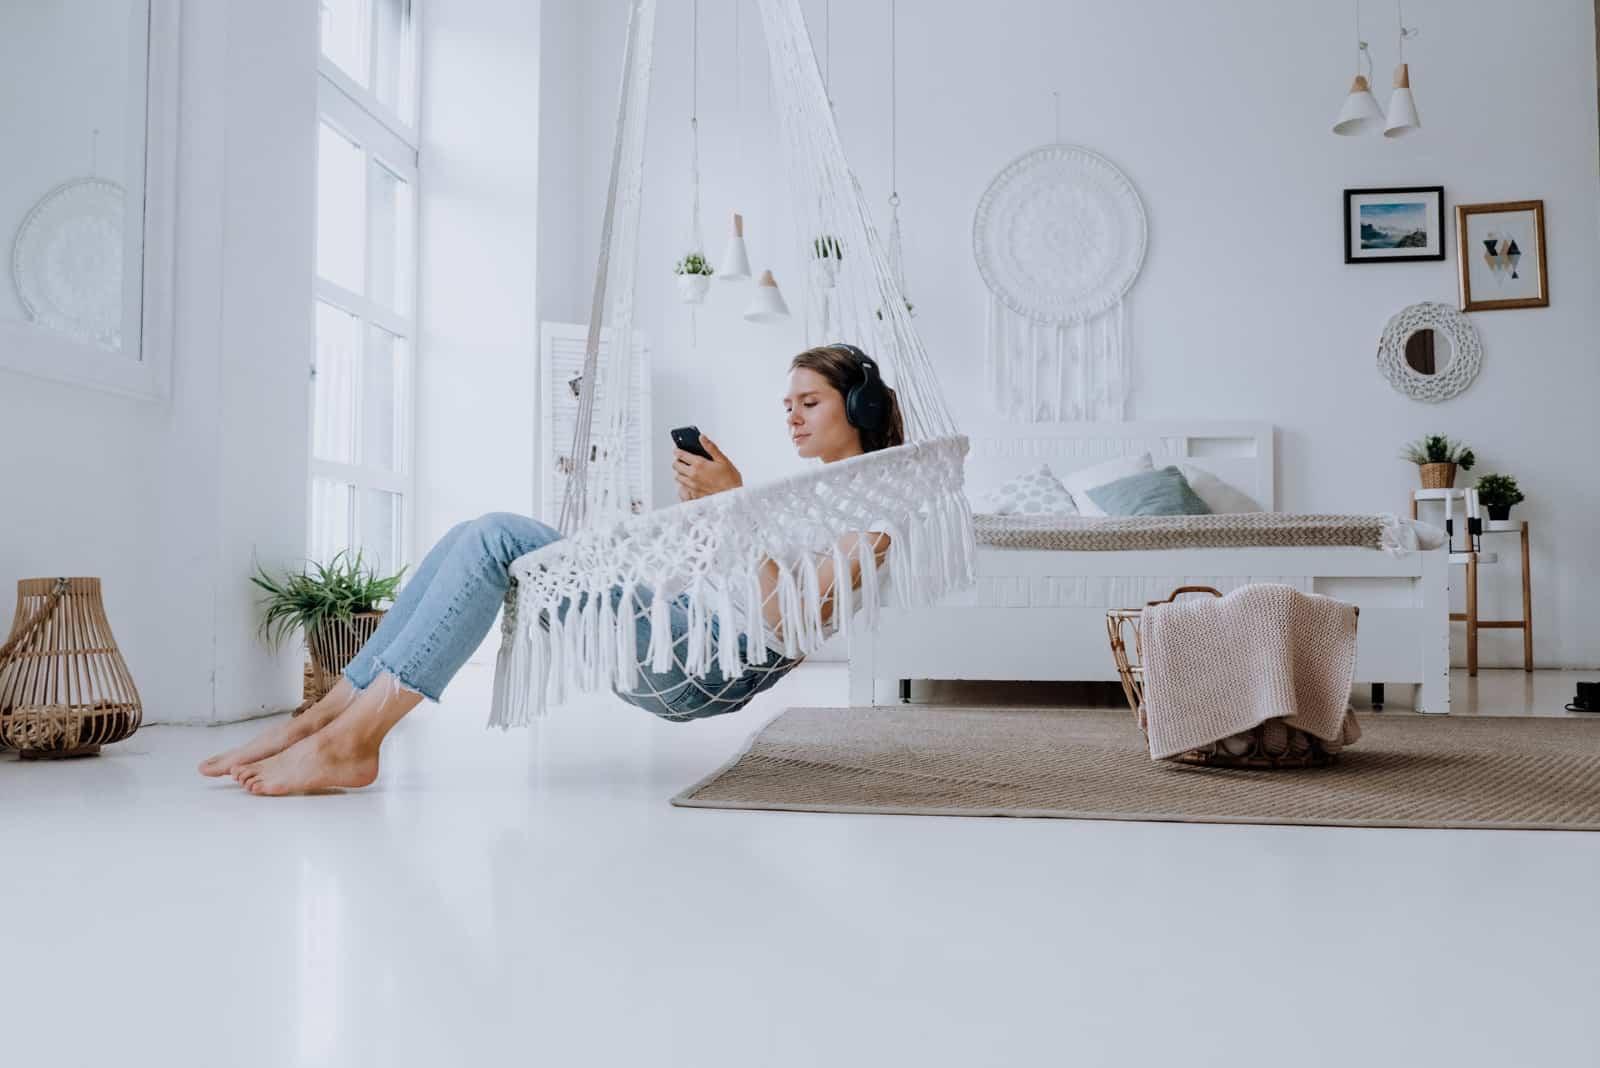 femme écoutant de la musique assise sur un hamac en intérieur